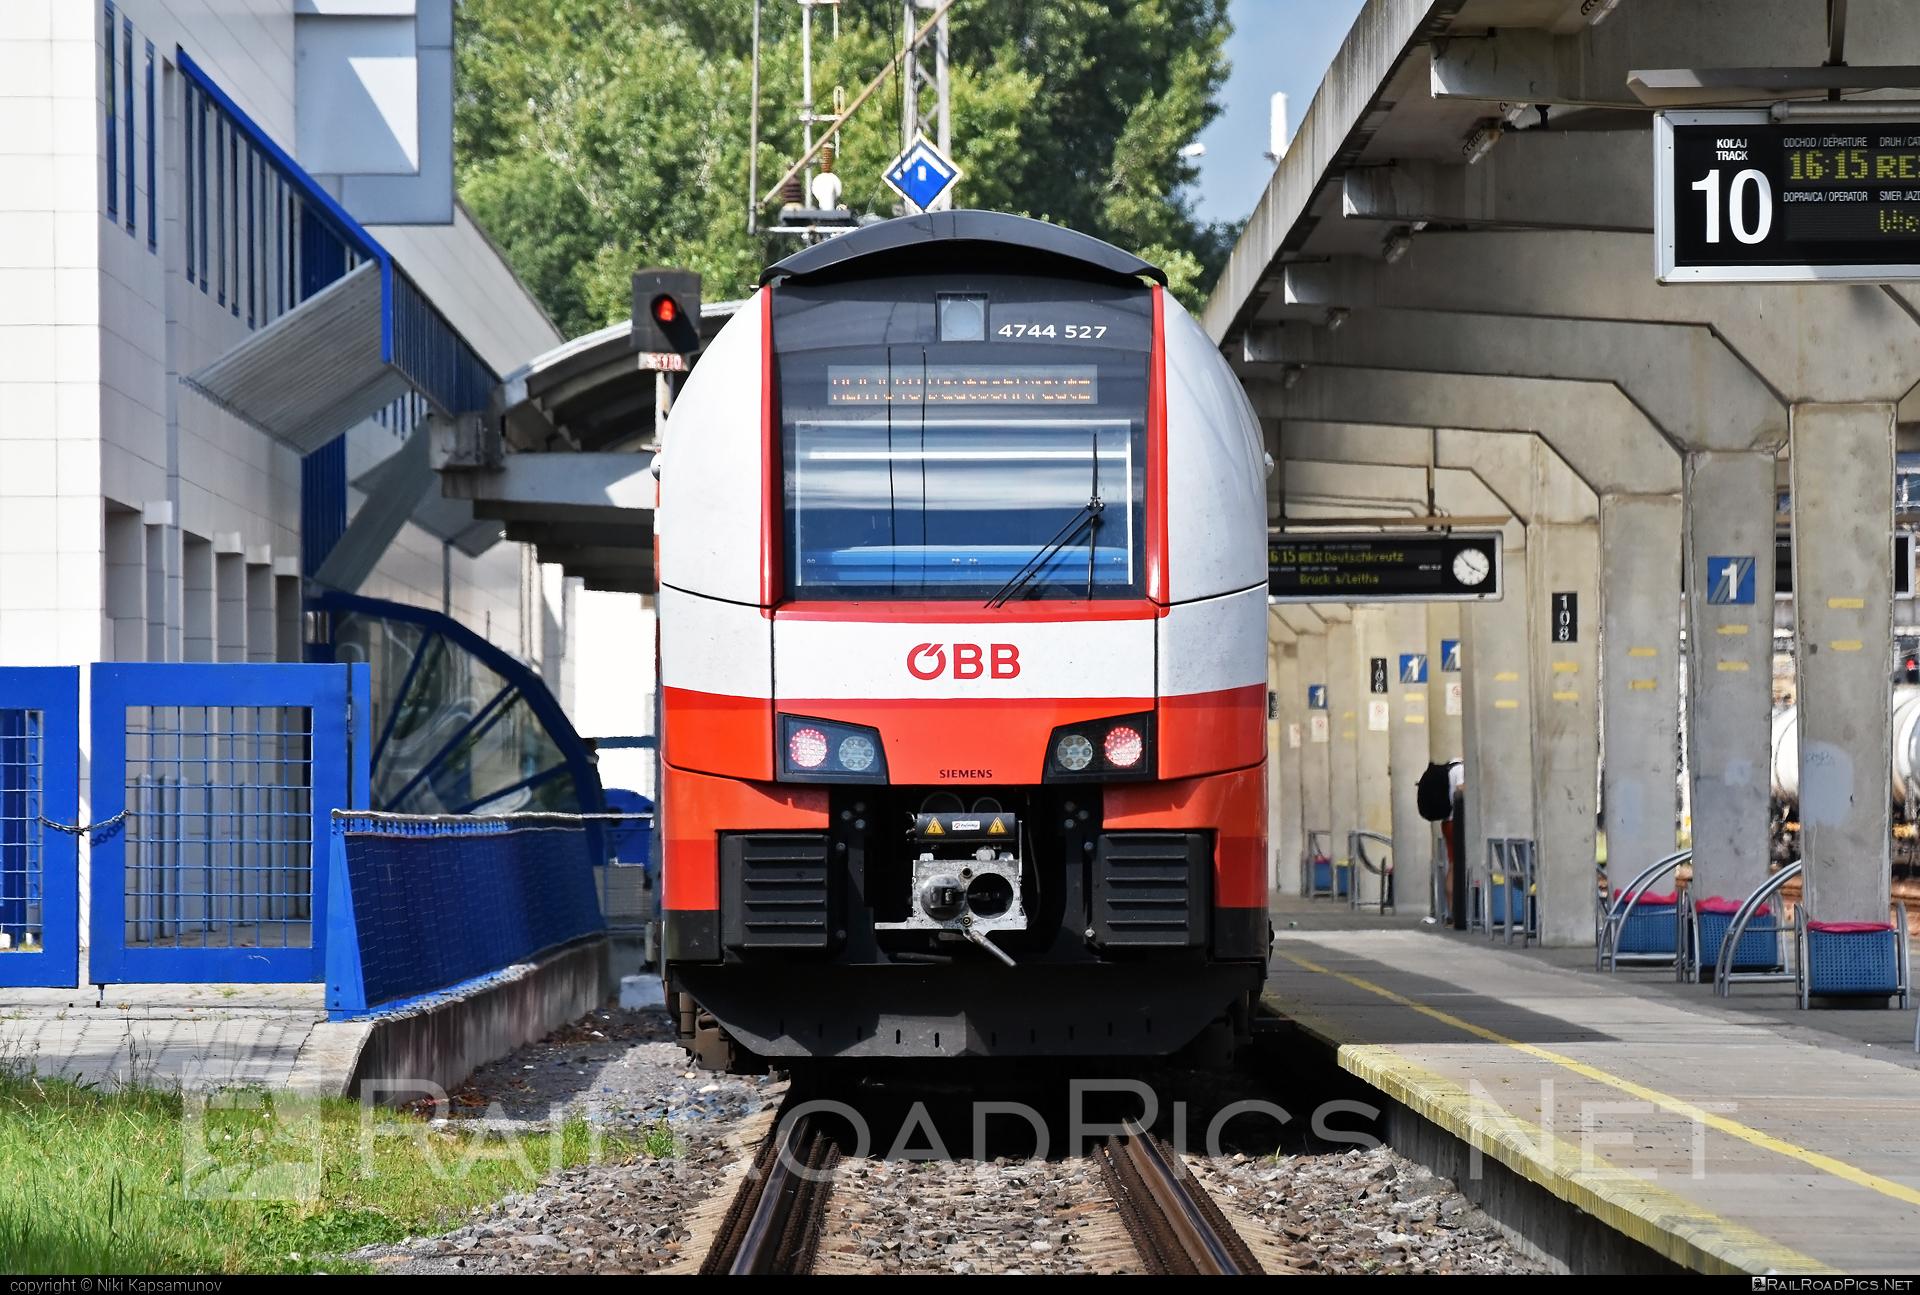 Siemens Desiro ML - 4744 527 operated by Österreichische Bundesbahnen #cityjet #desiro #desiroml #obb #obbcityjet #osterreichischebundesbahnen #siemens #siemensdesiro #siemensdesiroml